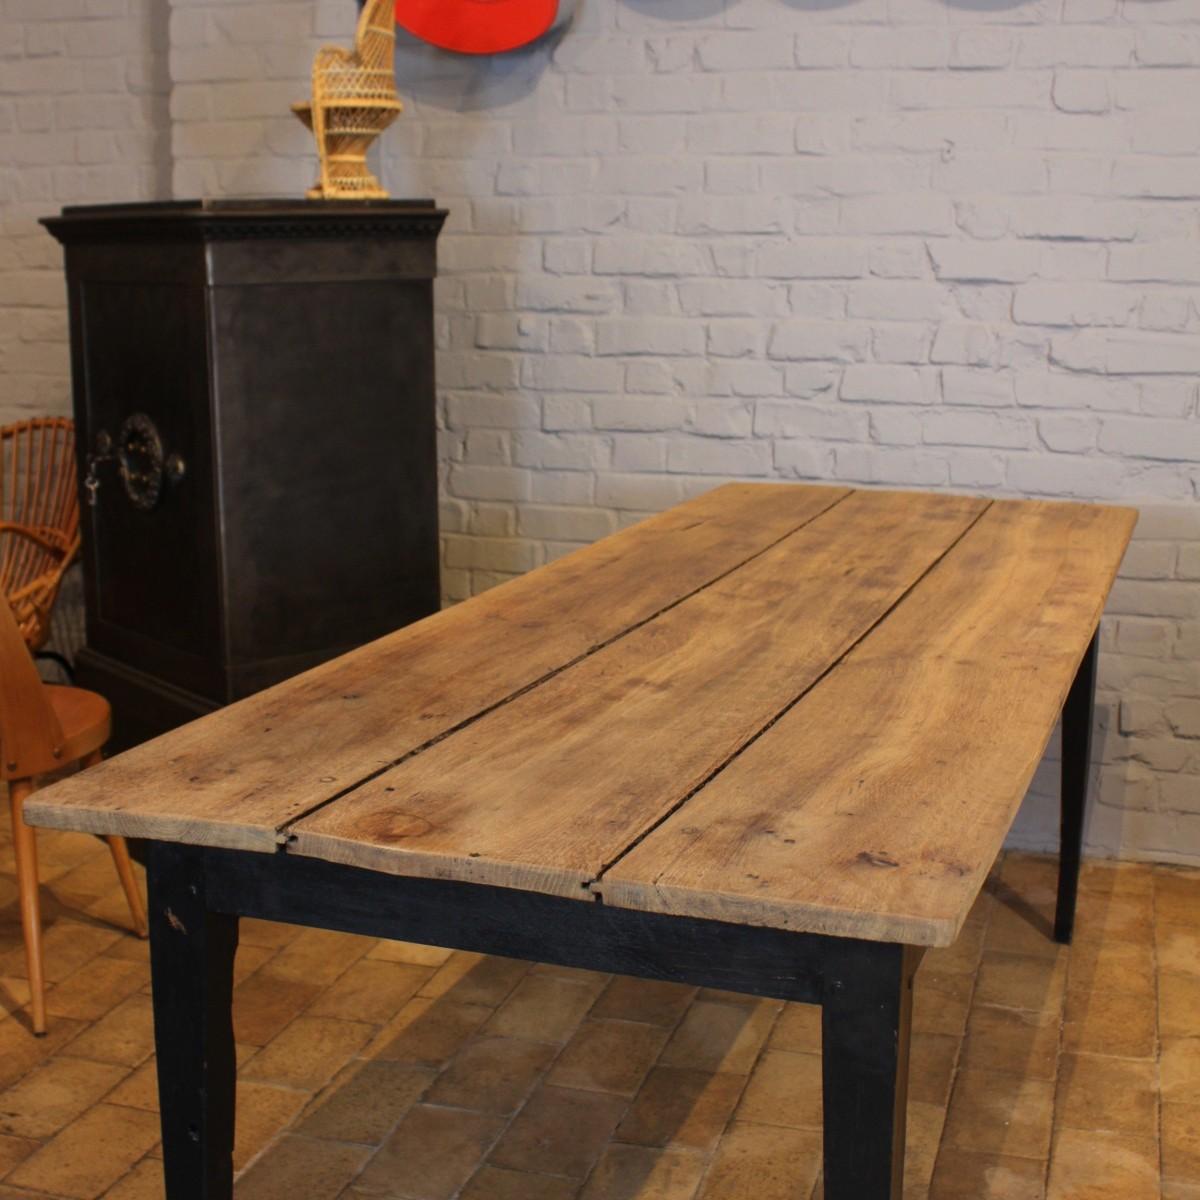 table de ferme en bois interesting finebuy table basse en bois massif de cm table basse table. Black Bedroom Furniture Sets. Home Design Ideas